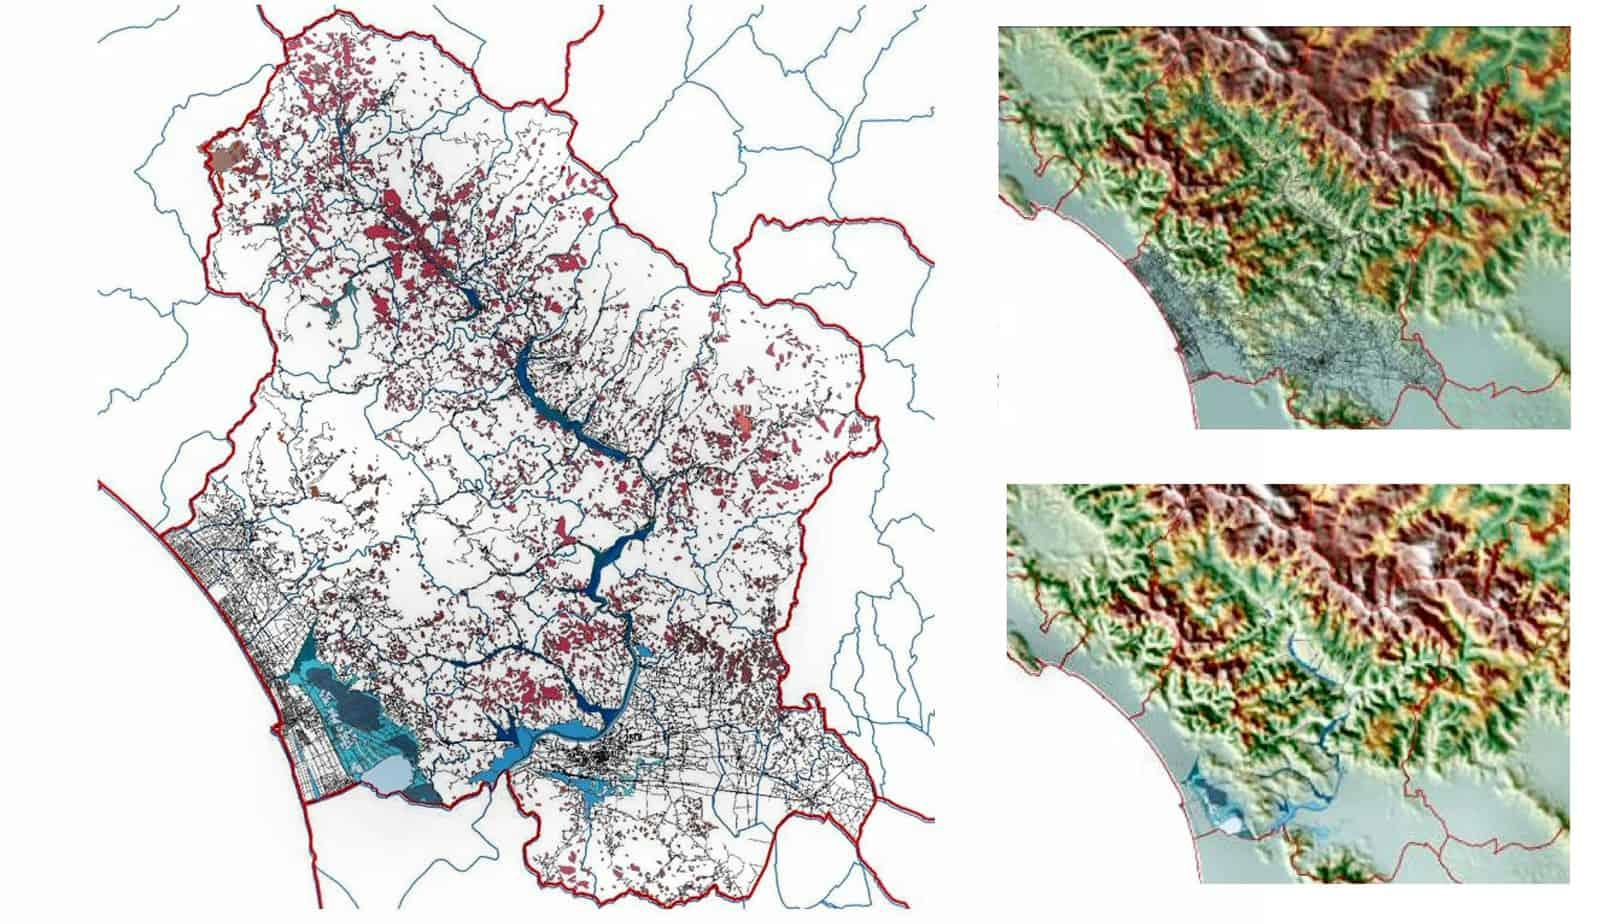 La cartina del danno atteso sulla rete del grafo stradale minore a causa di fenomeni franosi e idraulici (Provincia di Lucca)